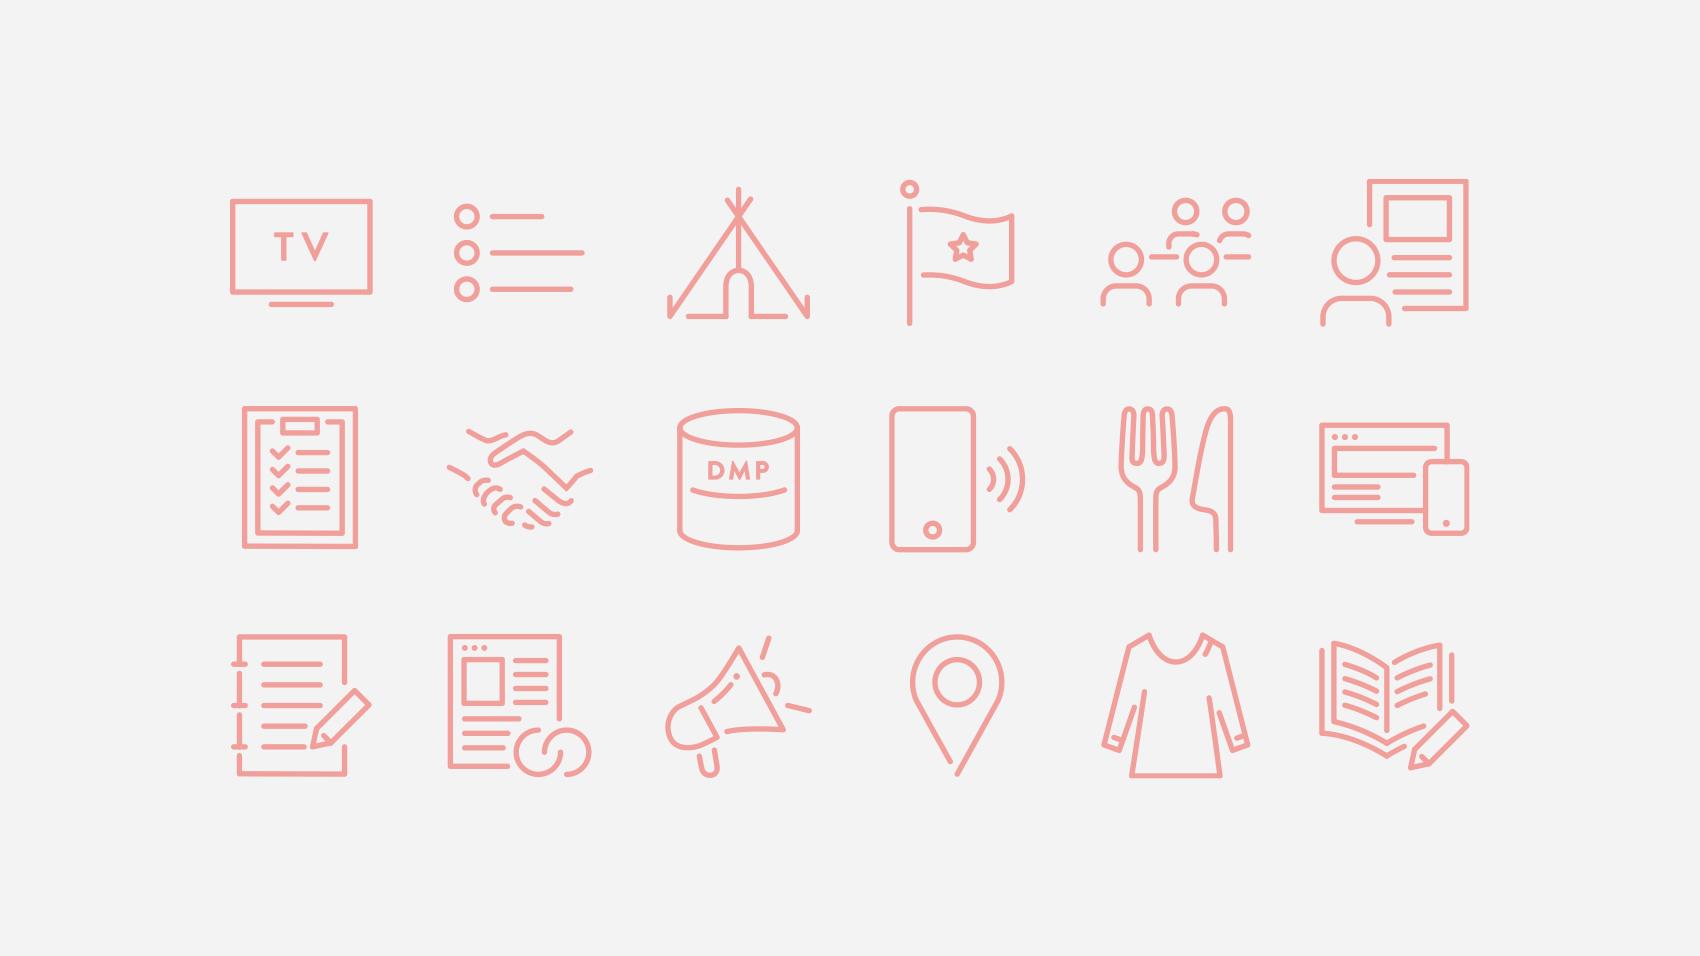 プレゼン資料やサイトに使える女性らしさを意識したアイコンデザイン